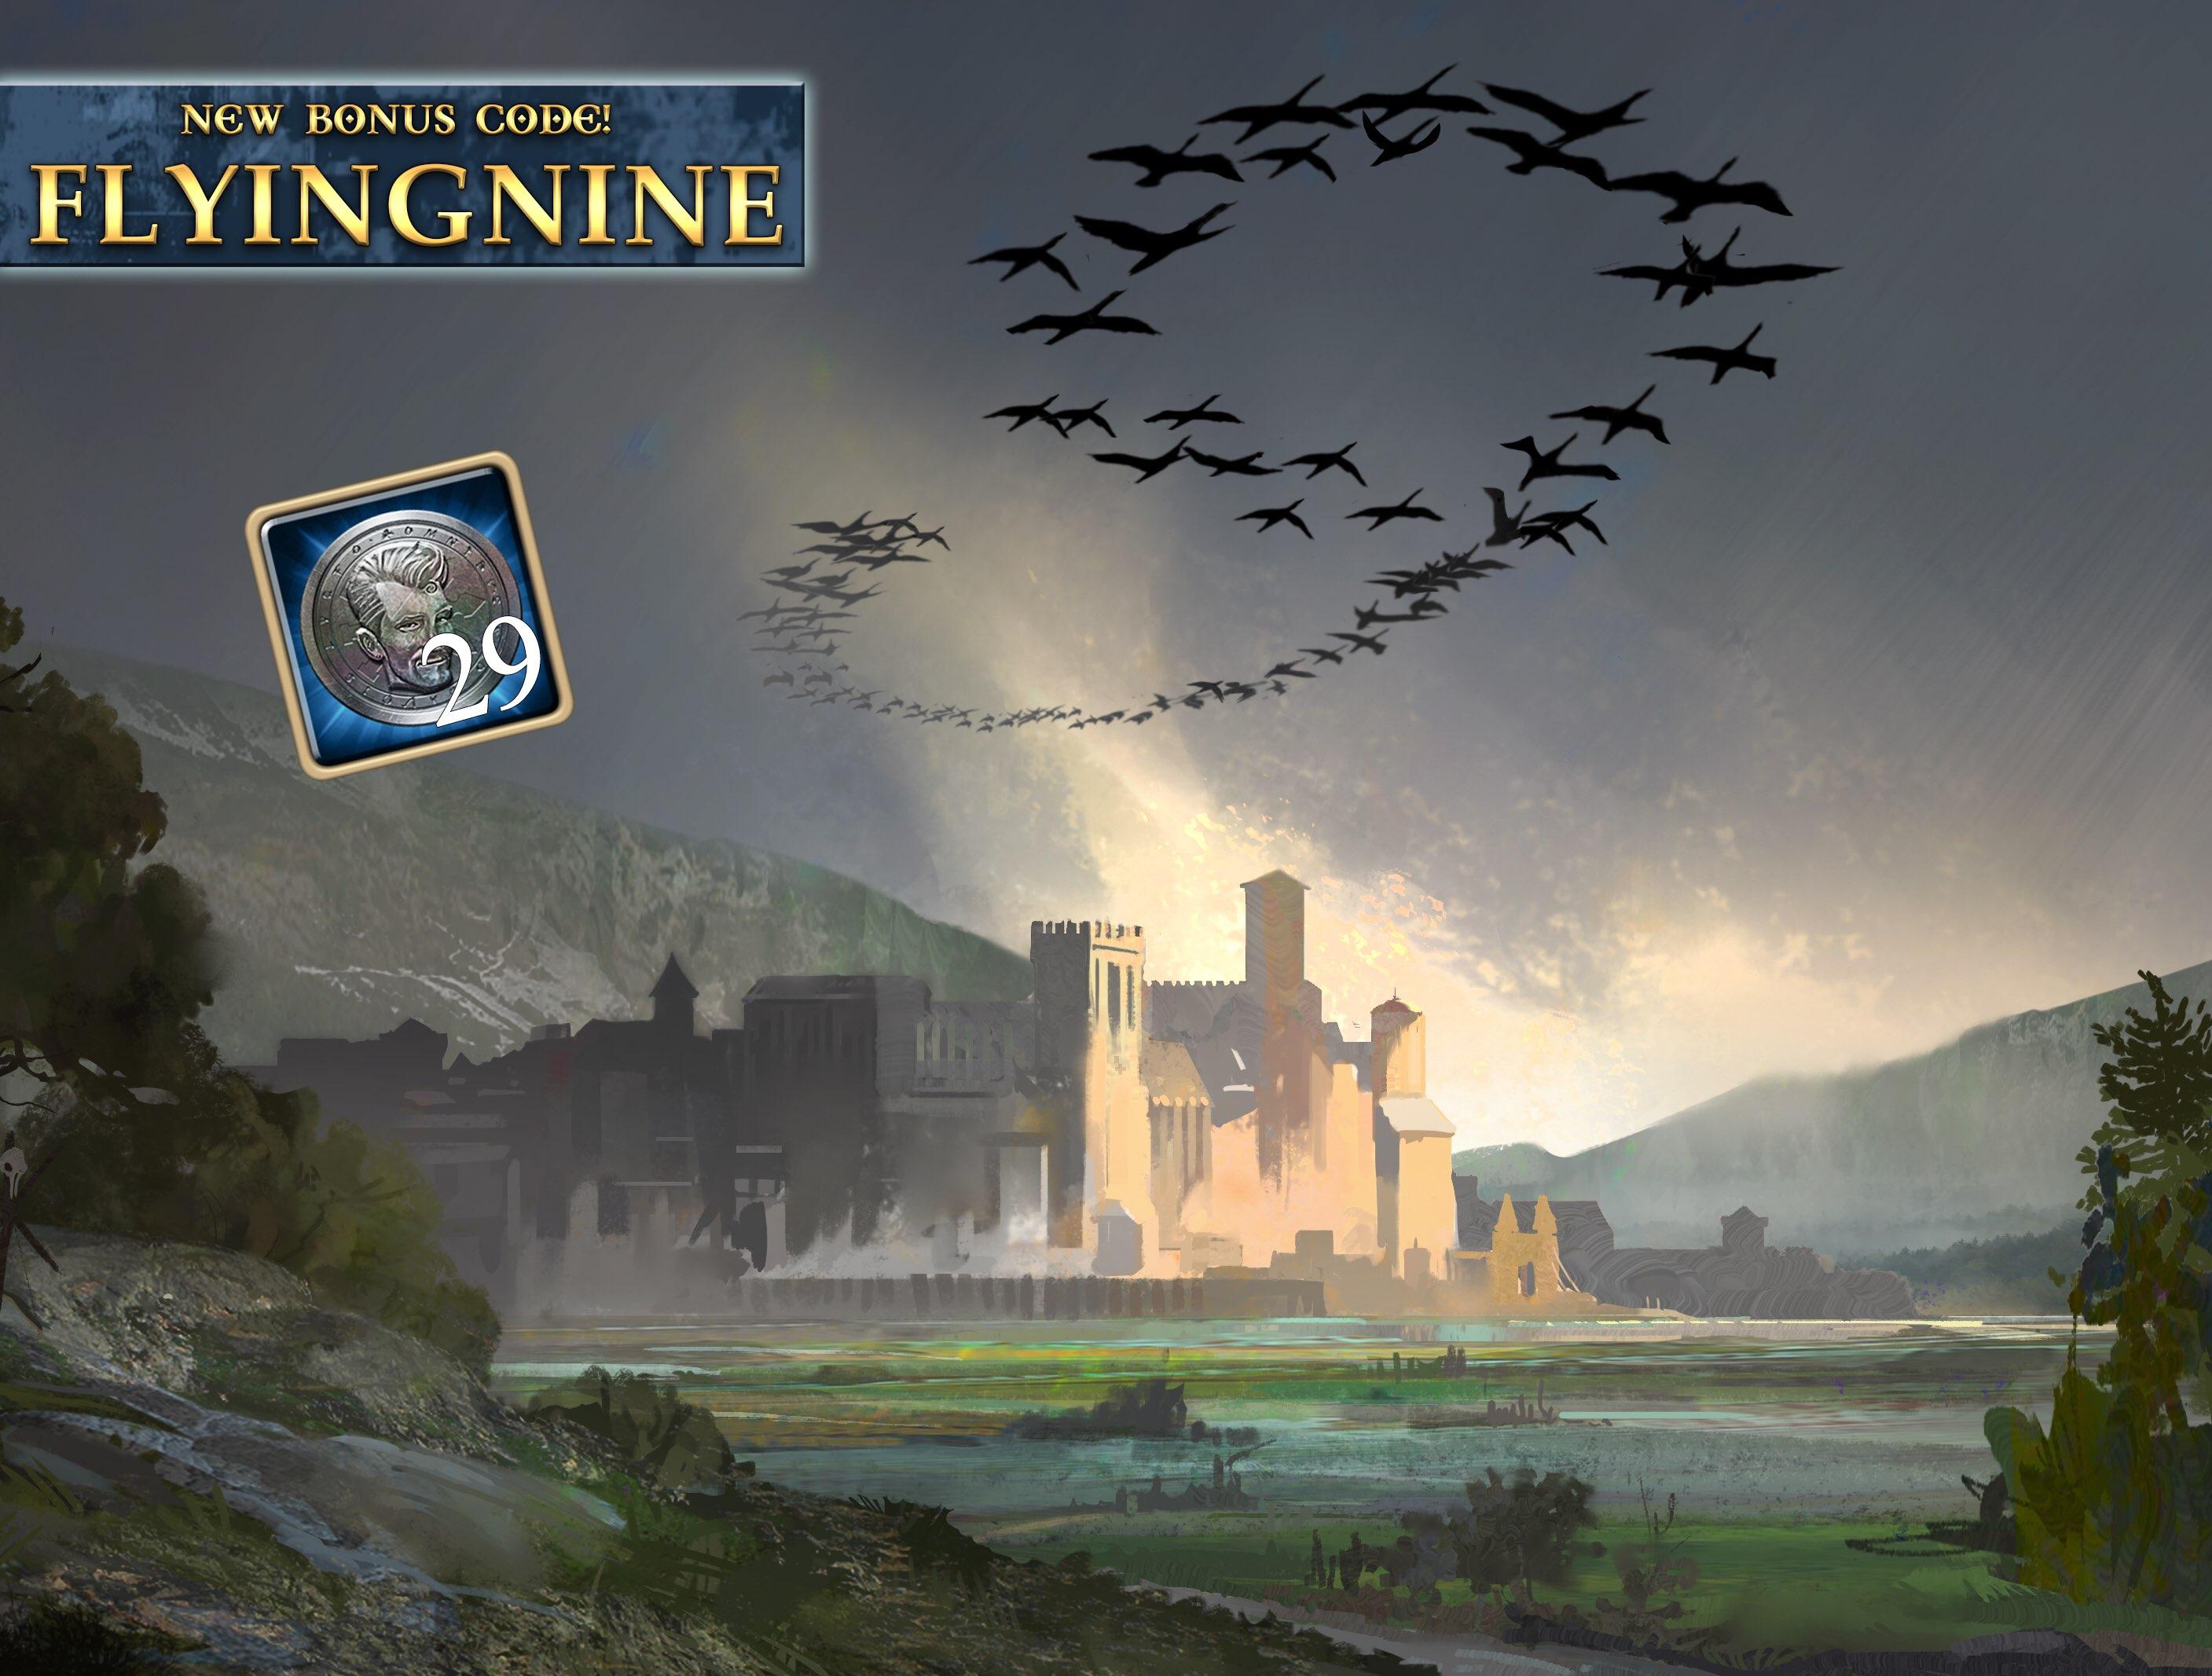 flyingnine.jpg